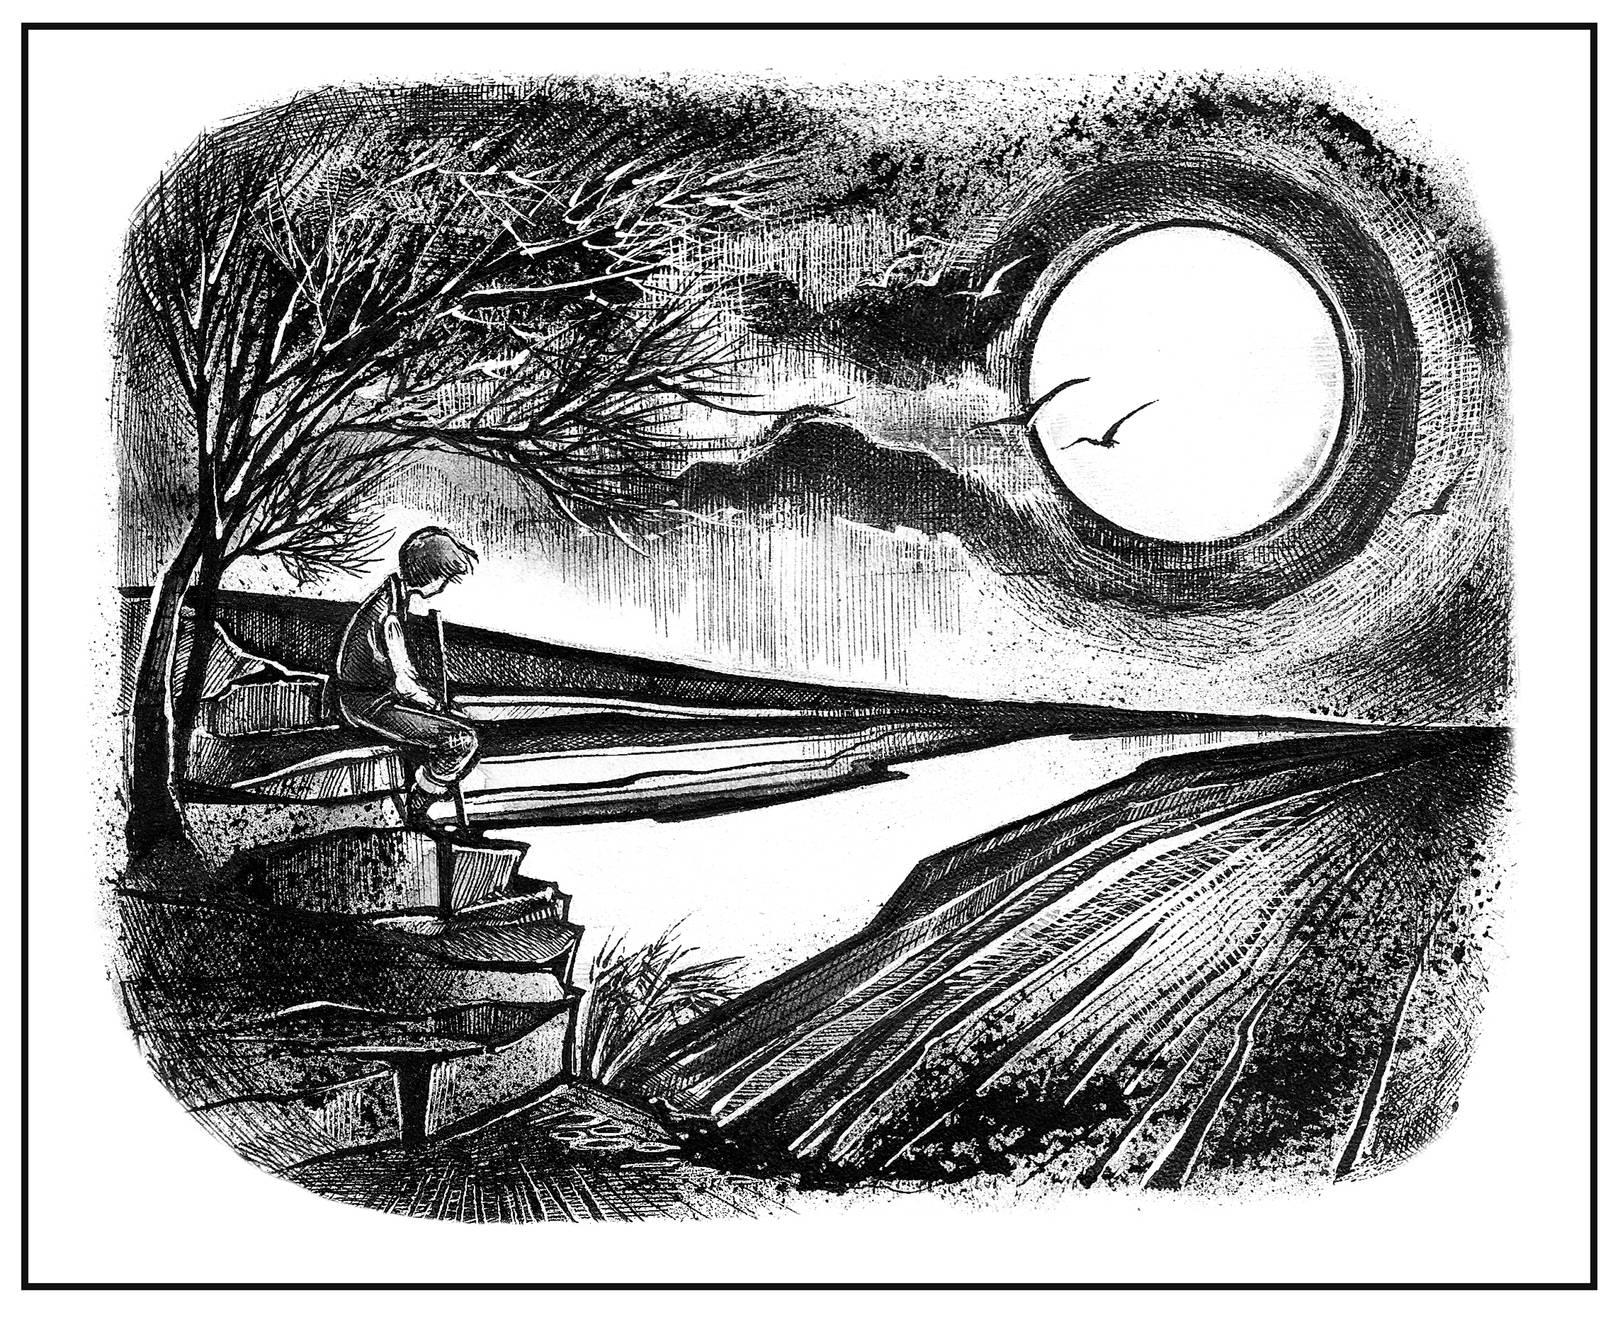 """Н. Н. Холодный. Роман """"Борьба миров"""" научная фантастика 1900"""